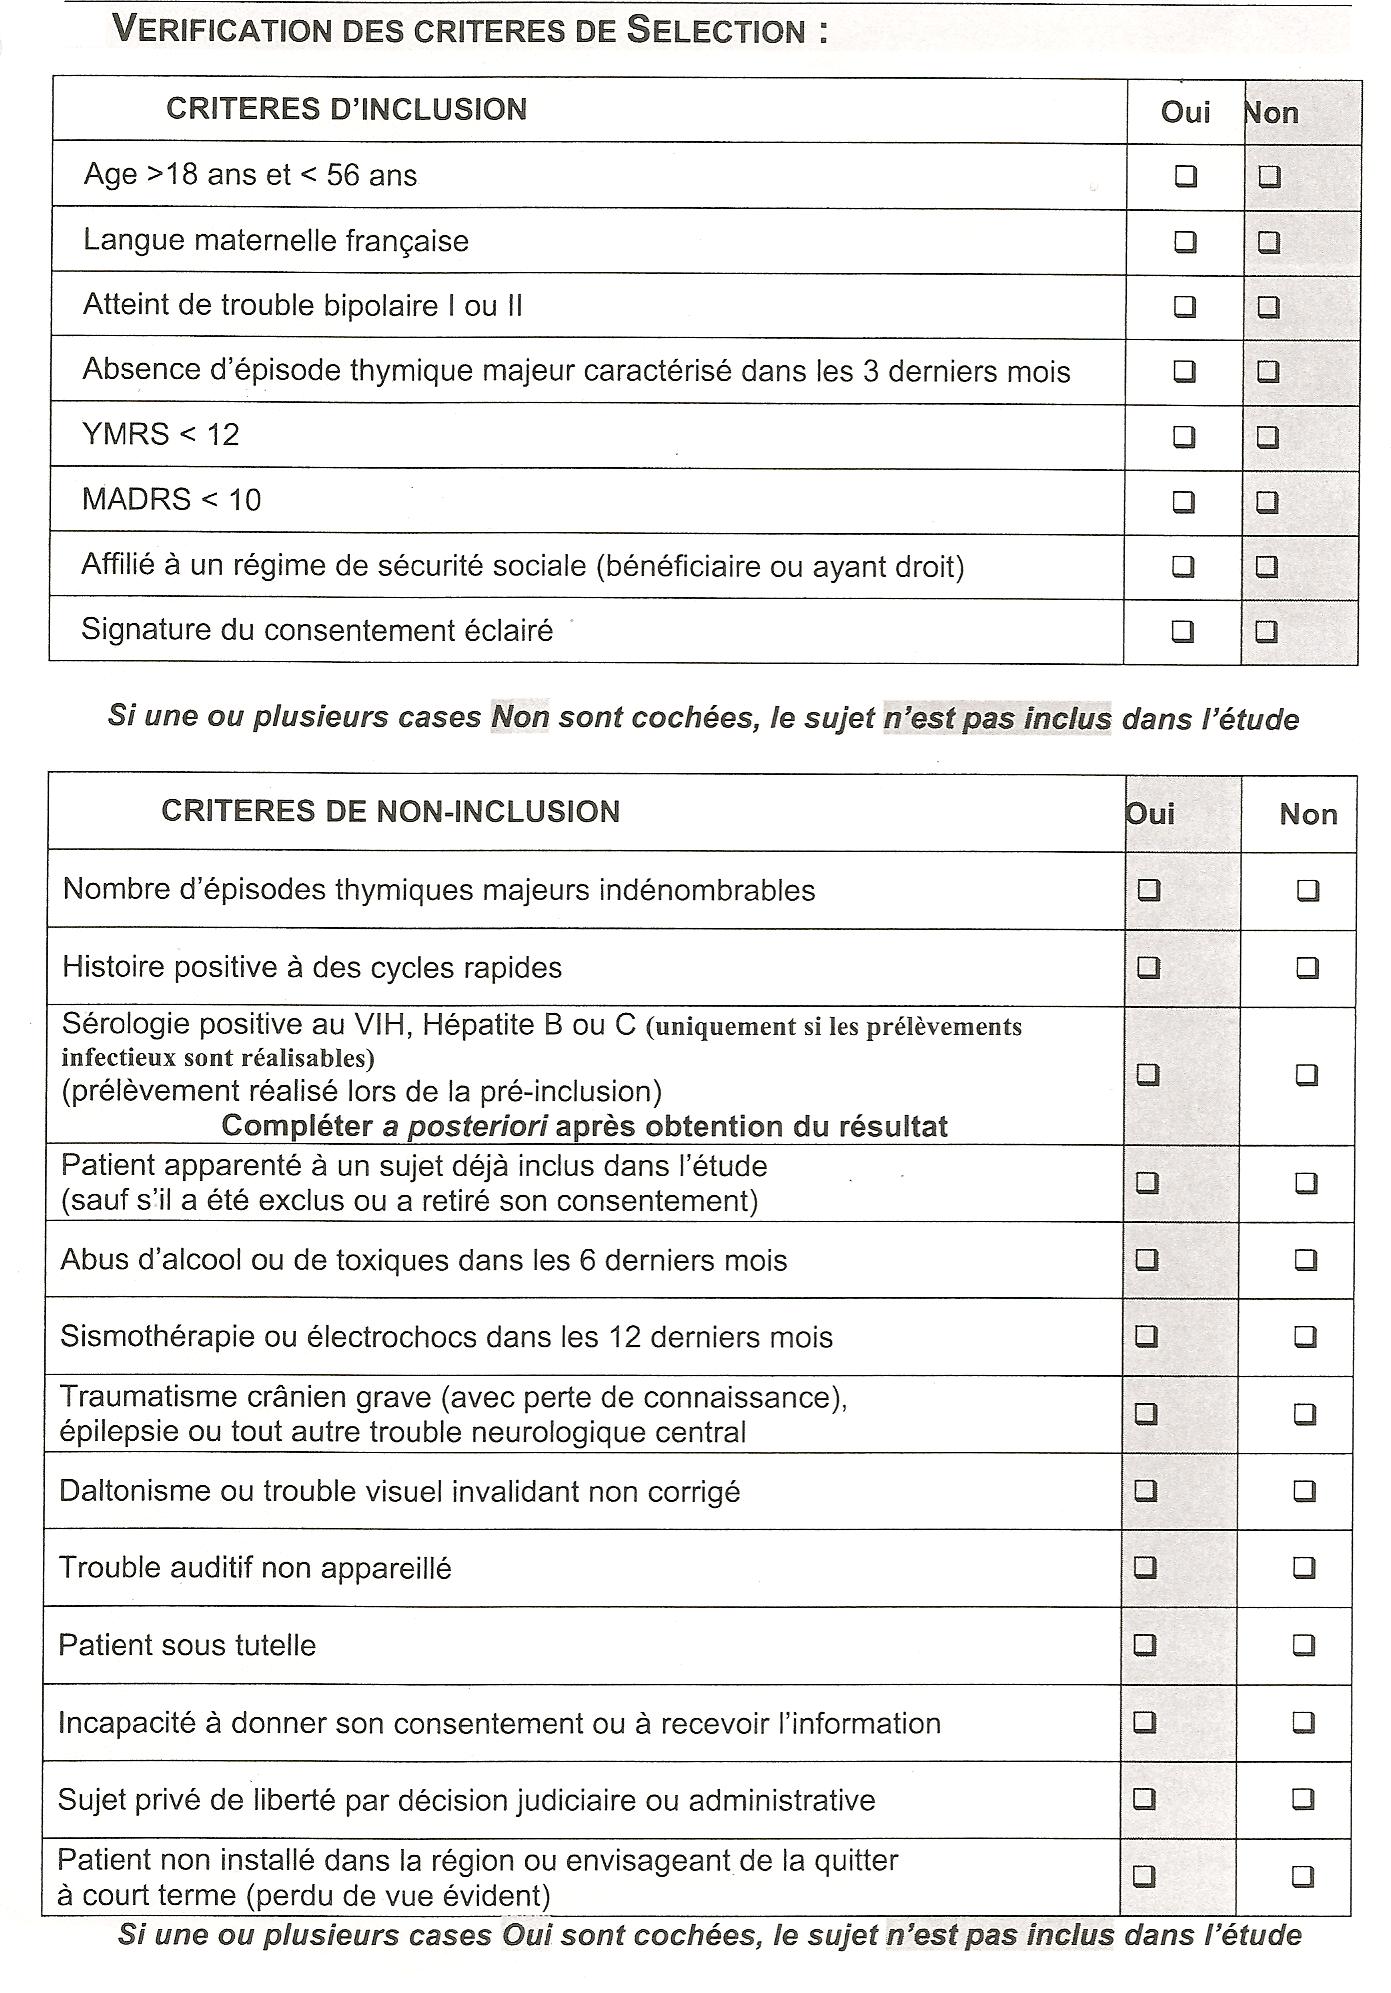 Centre expert de Marseille et recherche dans 12 Conférences etude-centre-experts1